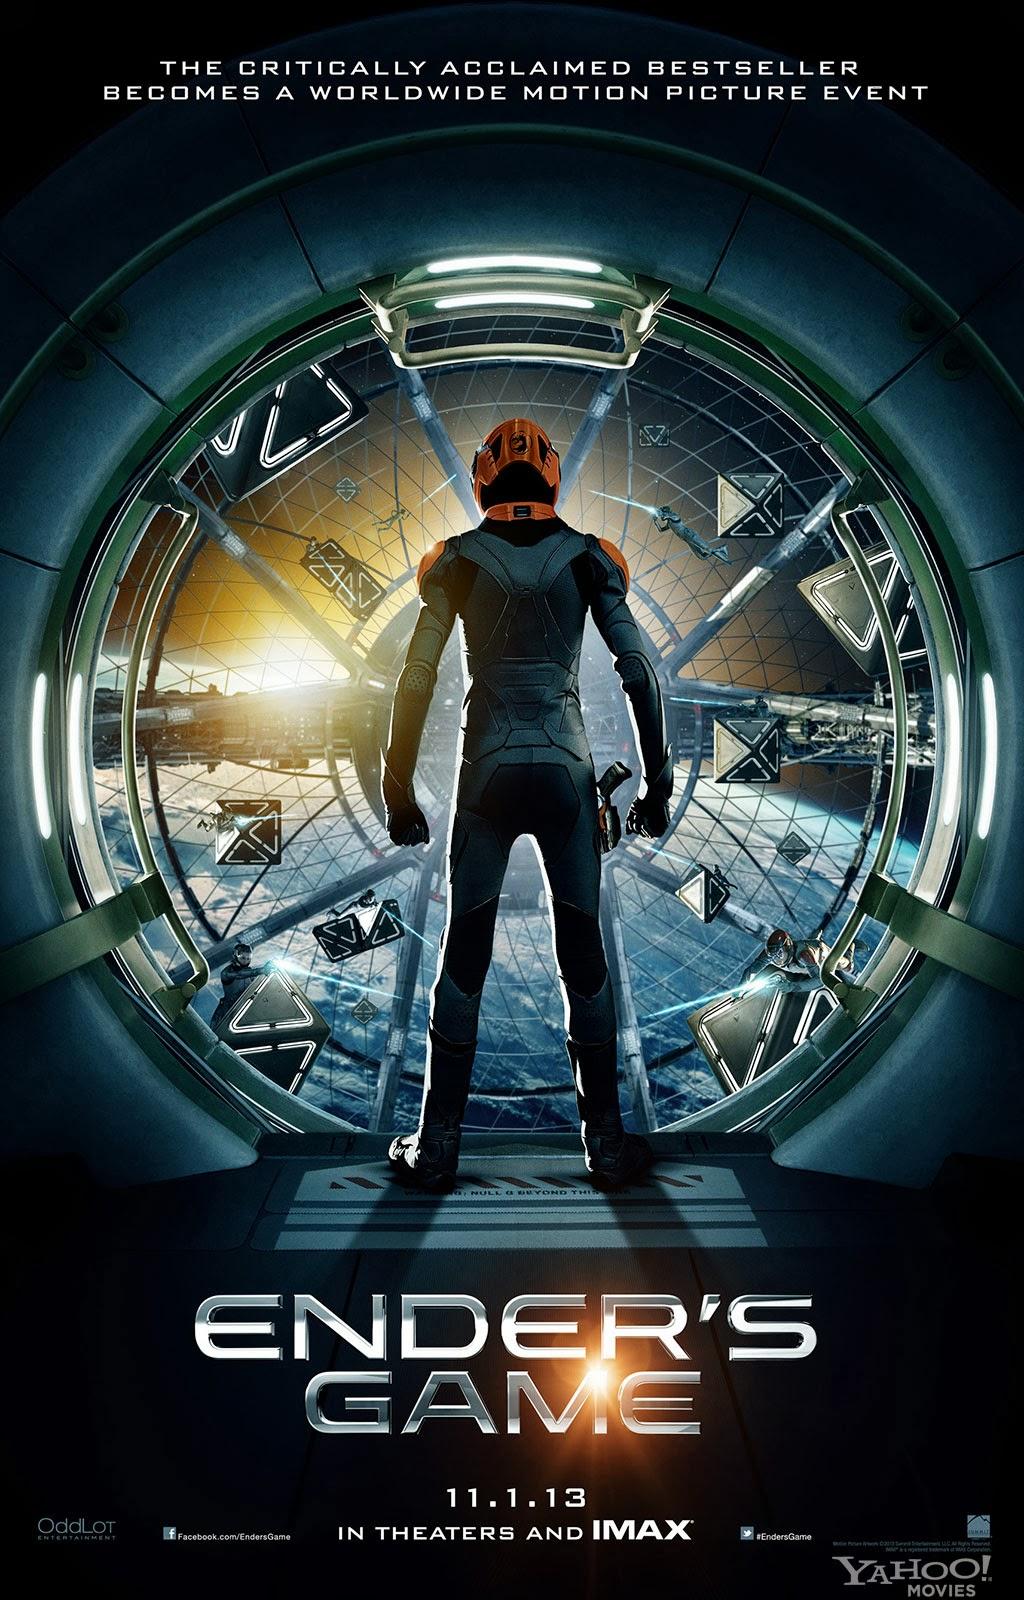 xem phim Cuộc Đấu Của Ender - Ender's Game 2013 full hd vietsub online poster